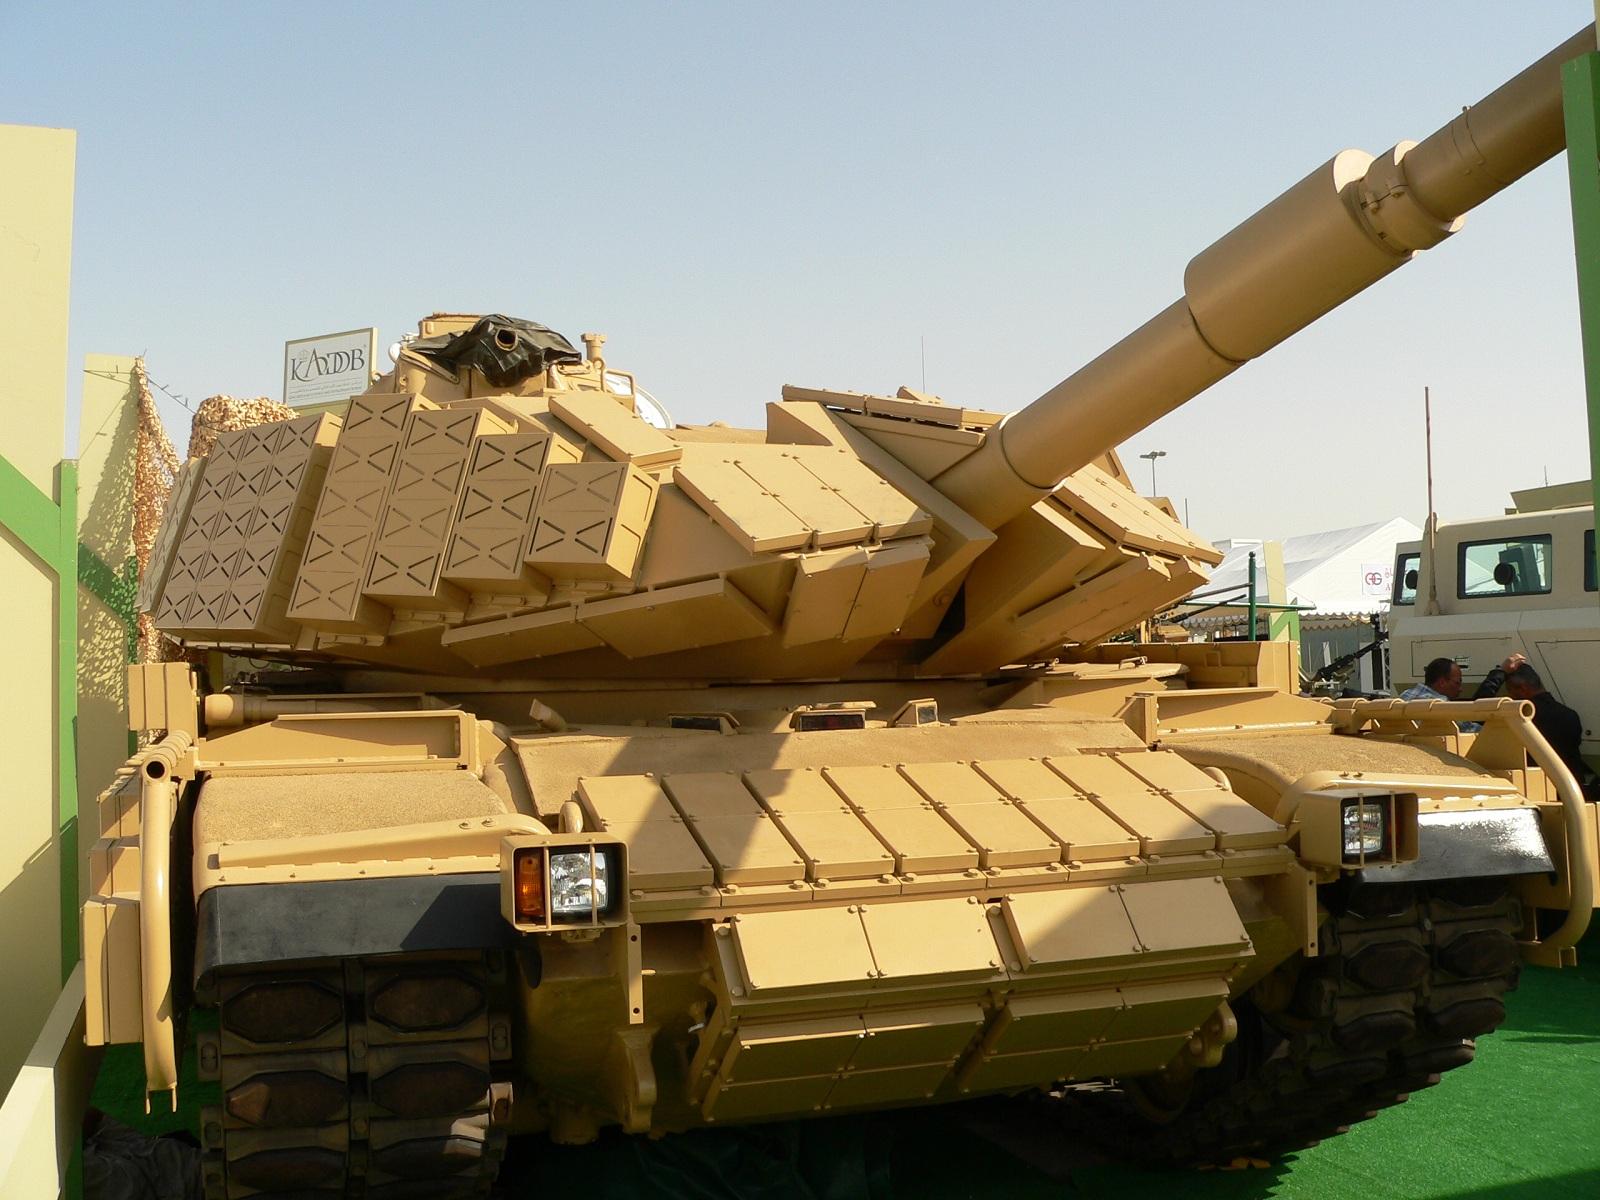 танк с динамической защитой, скачать фото, обои для рабочего стола